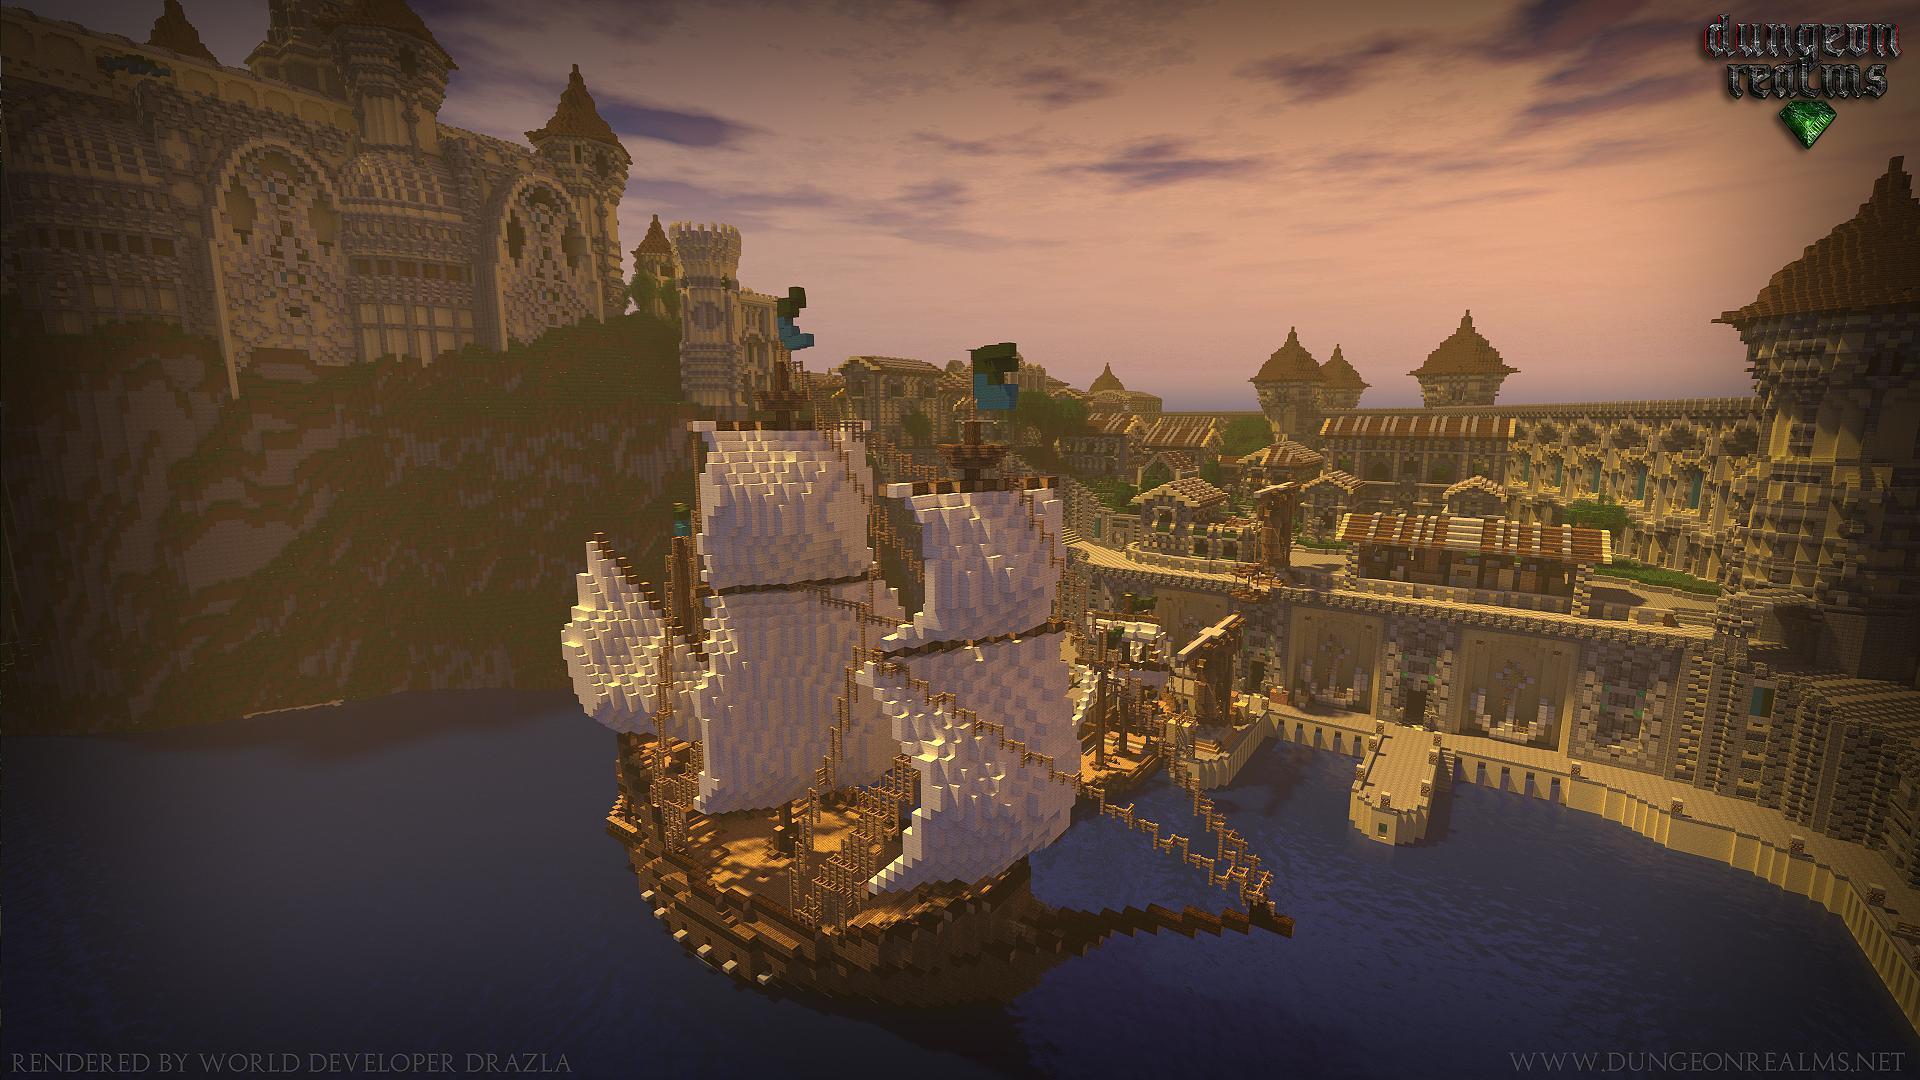 Minecraft Dock Wallpapers Top Free Minecraft Dock